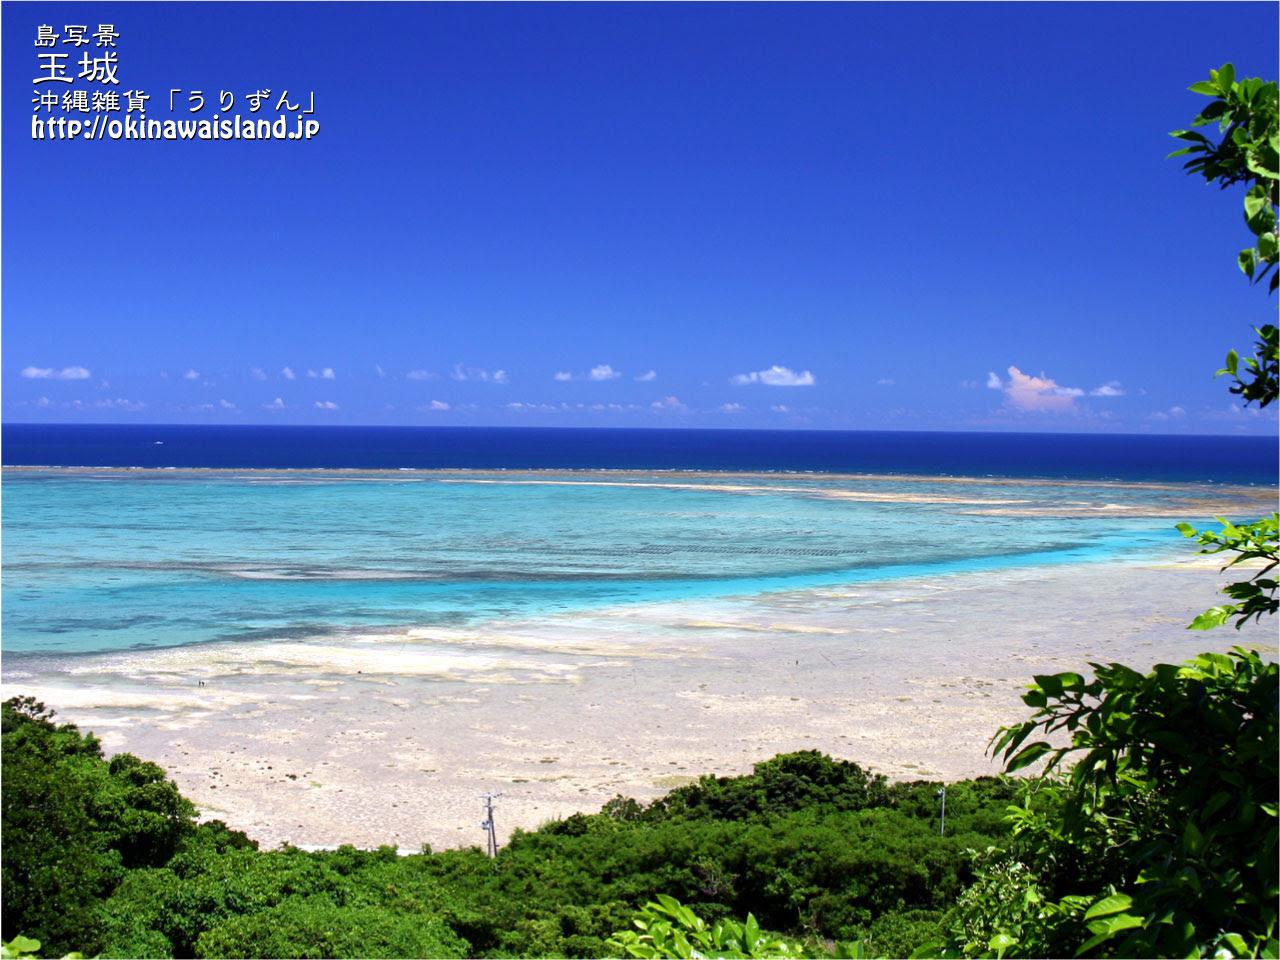 沖縄の風景 壁紙 デスクトップカレンダー 無料ダウンロード 玉城の海